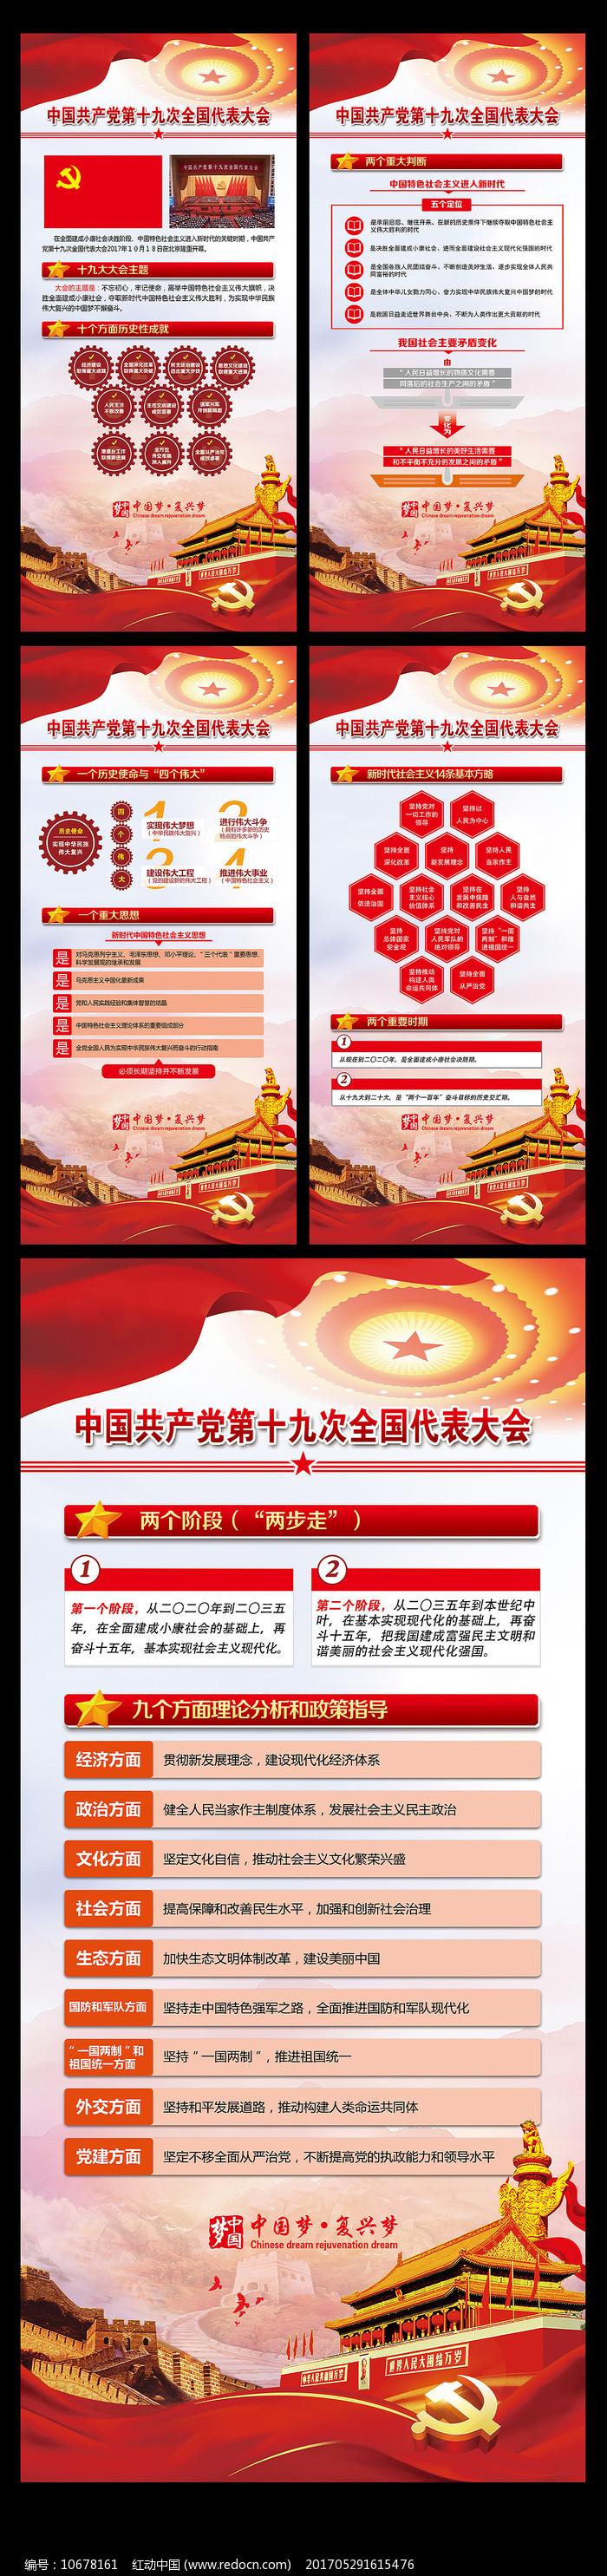 红色高端十九大展板设计图片